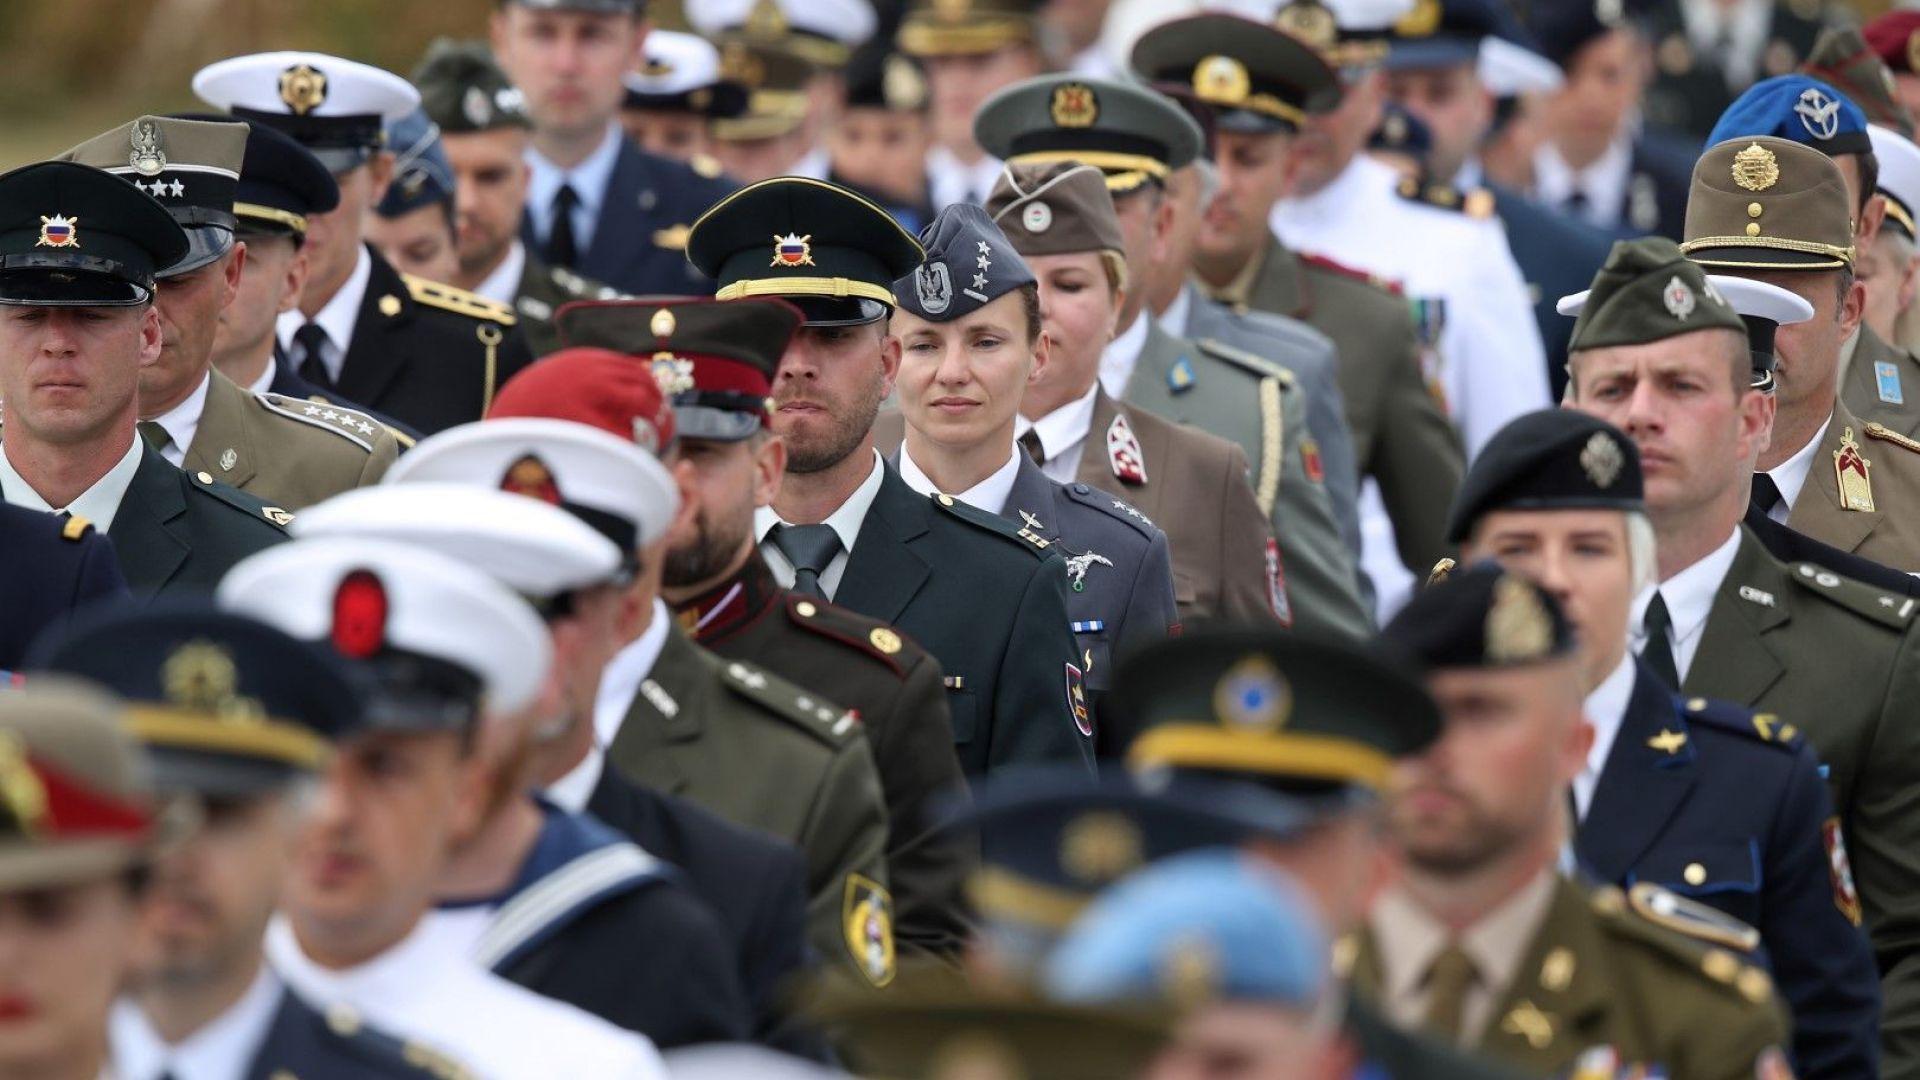 НАТО отбелязва във Вашингтон своята 70-годишнина, но има някаква ирония